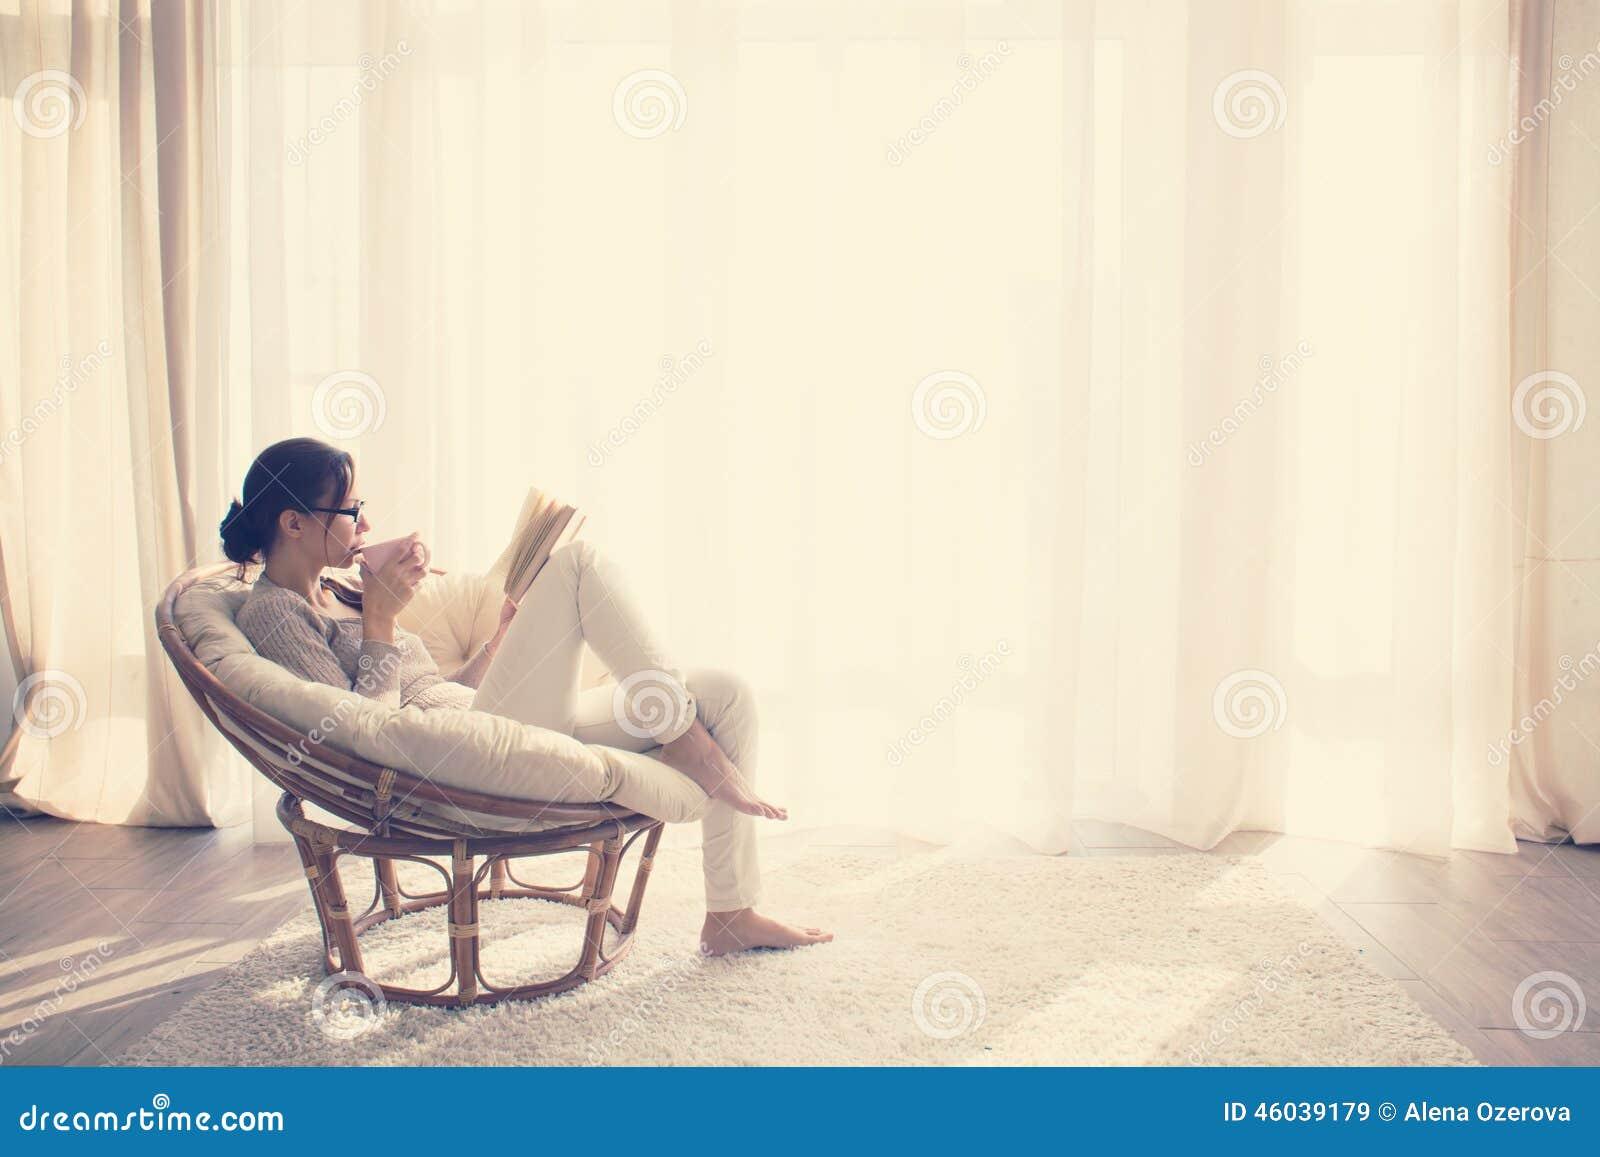 Het ontspannen van de vrouw als voorzitter